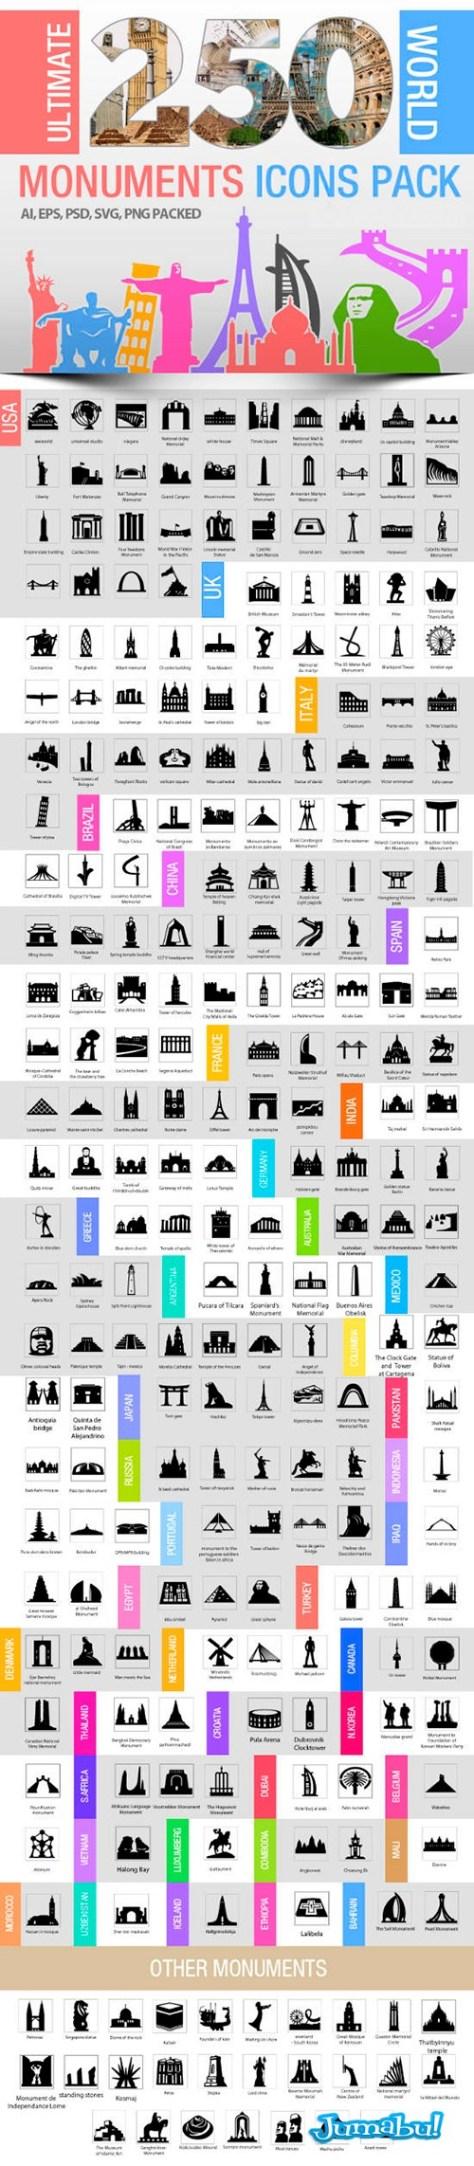 monumentos-de-todo-el-mundo-vectorizado